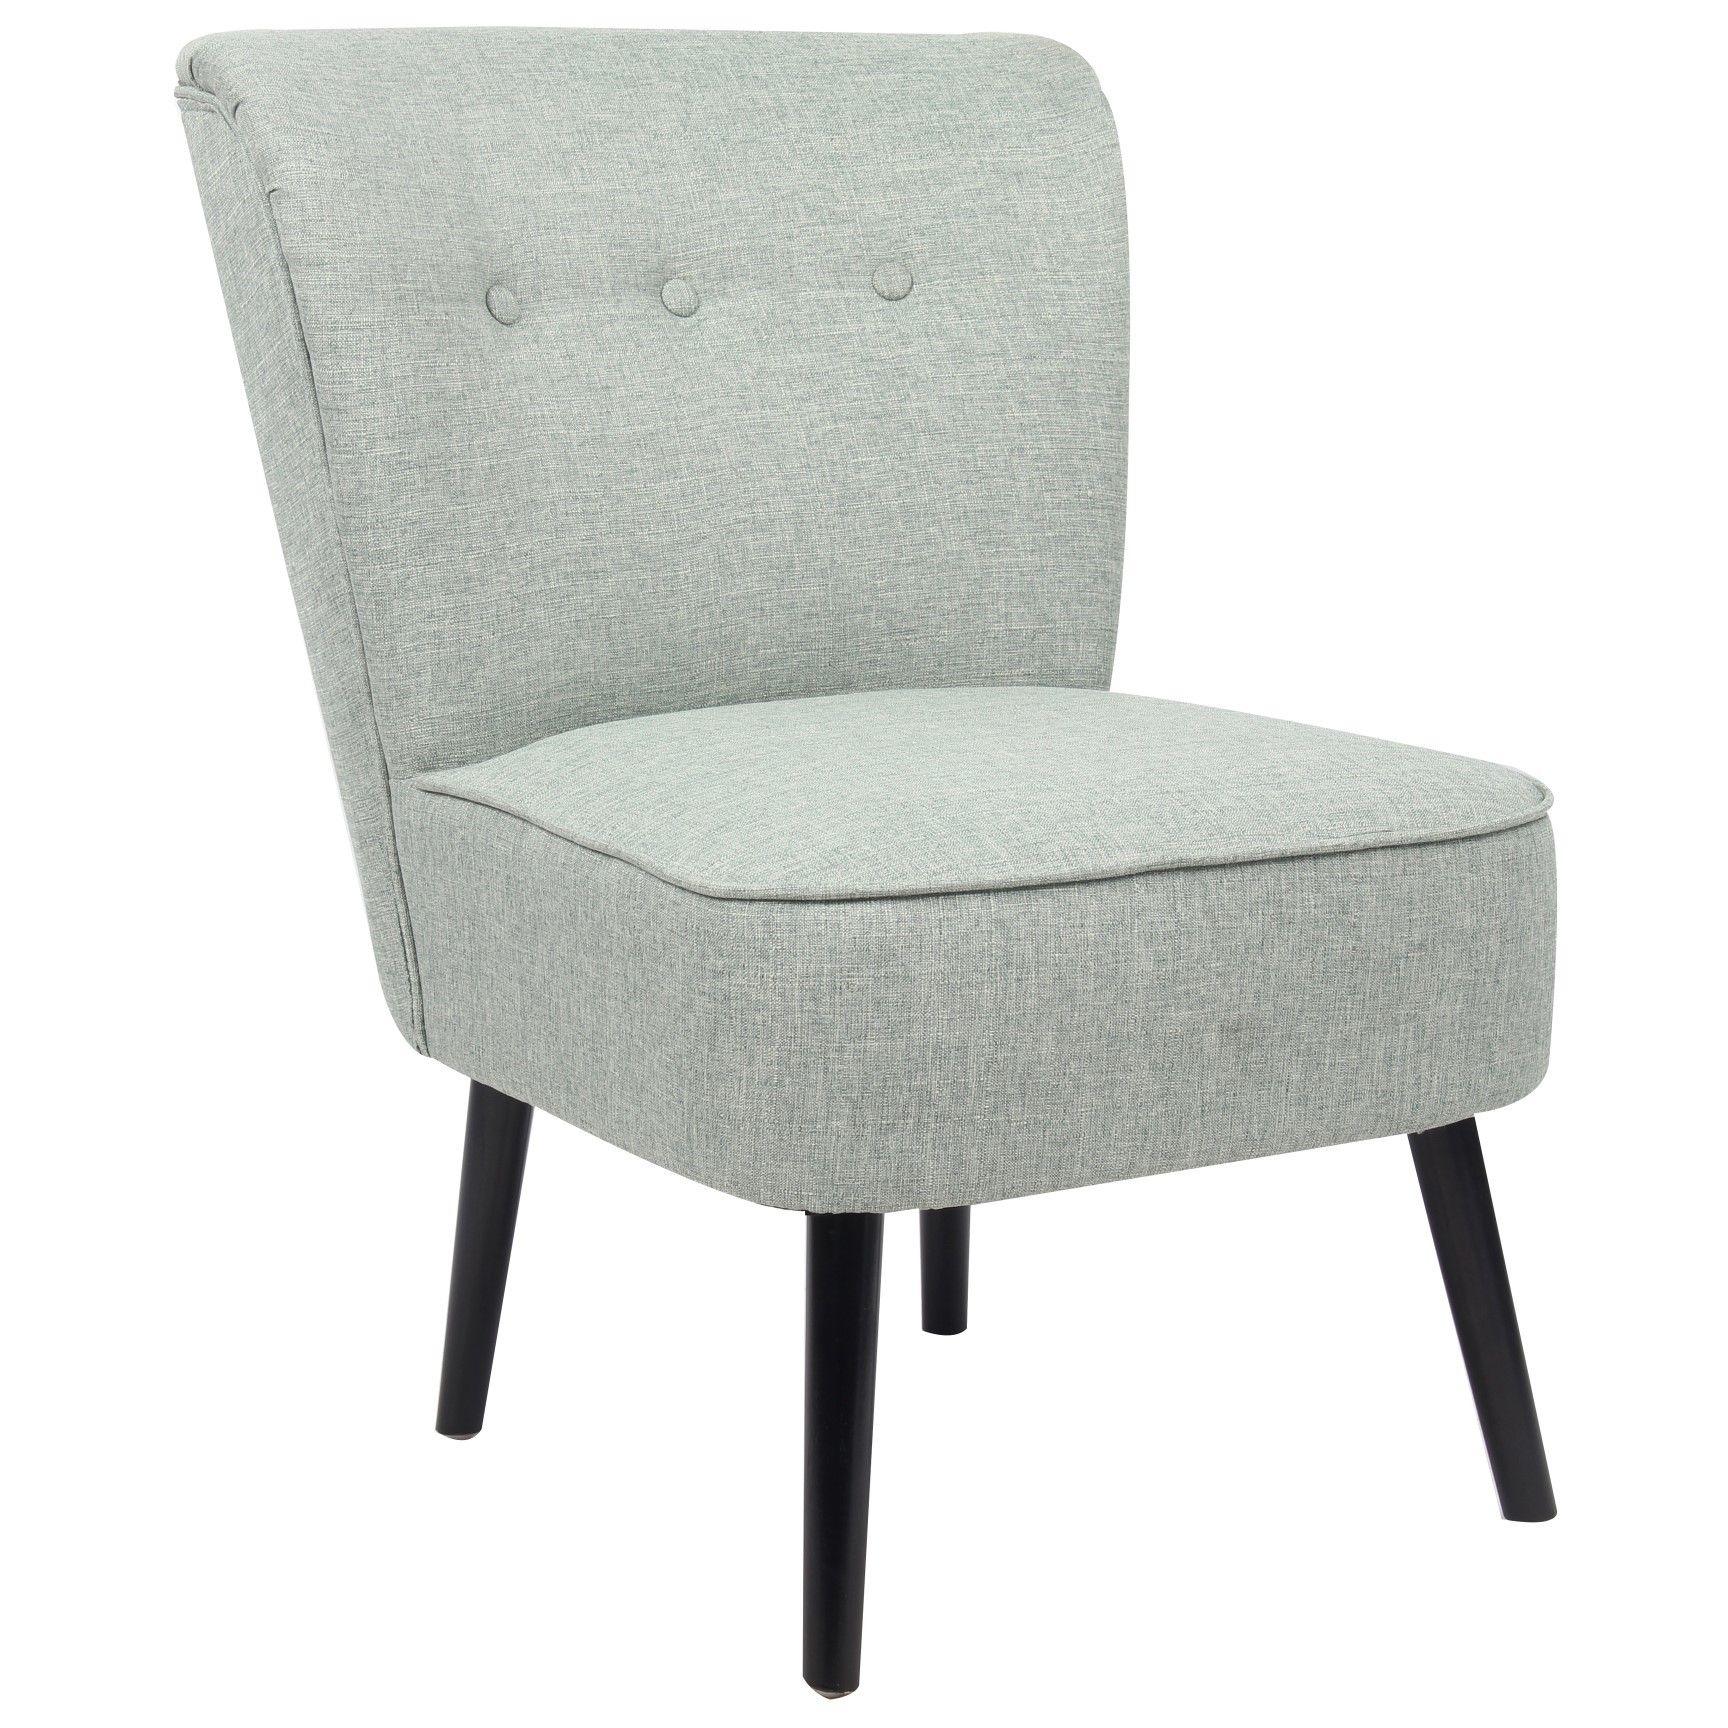 Teresa Slipper Chair Chair, Accent chairs, Home